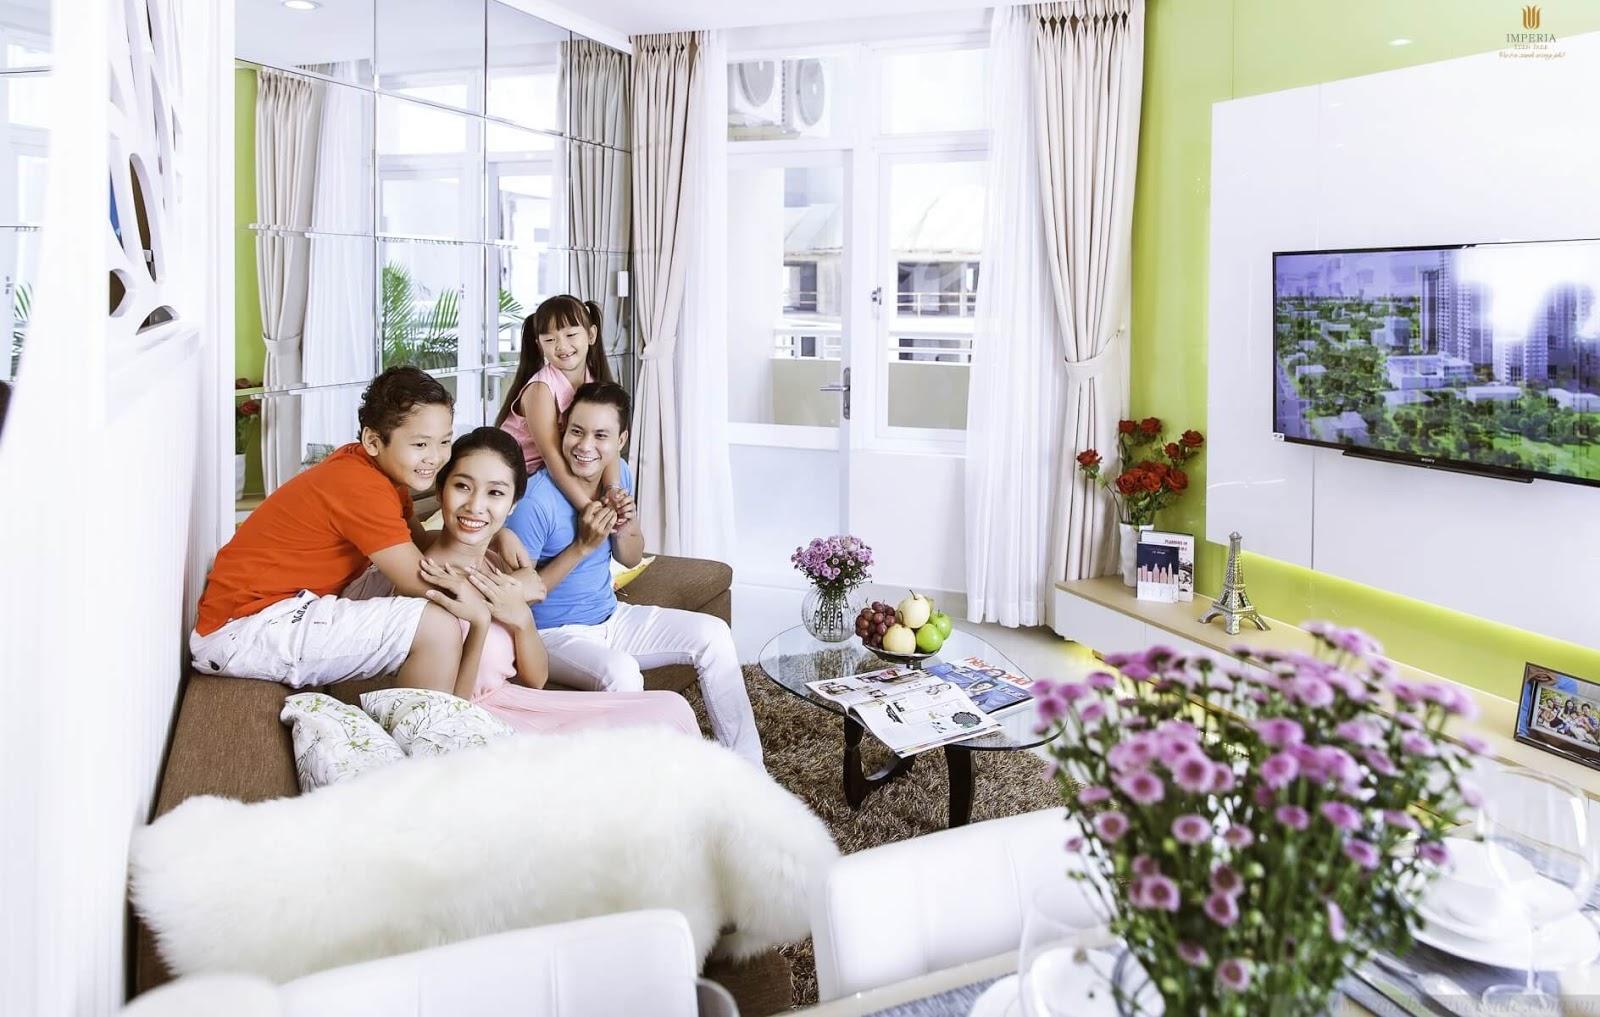 Giới trẻ Hà Nôi thích thú lựa chọn mua căn hộ Imperia Eden Park Mễ Trì